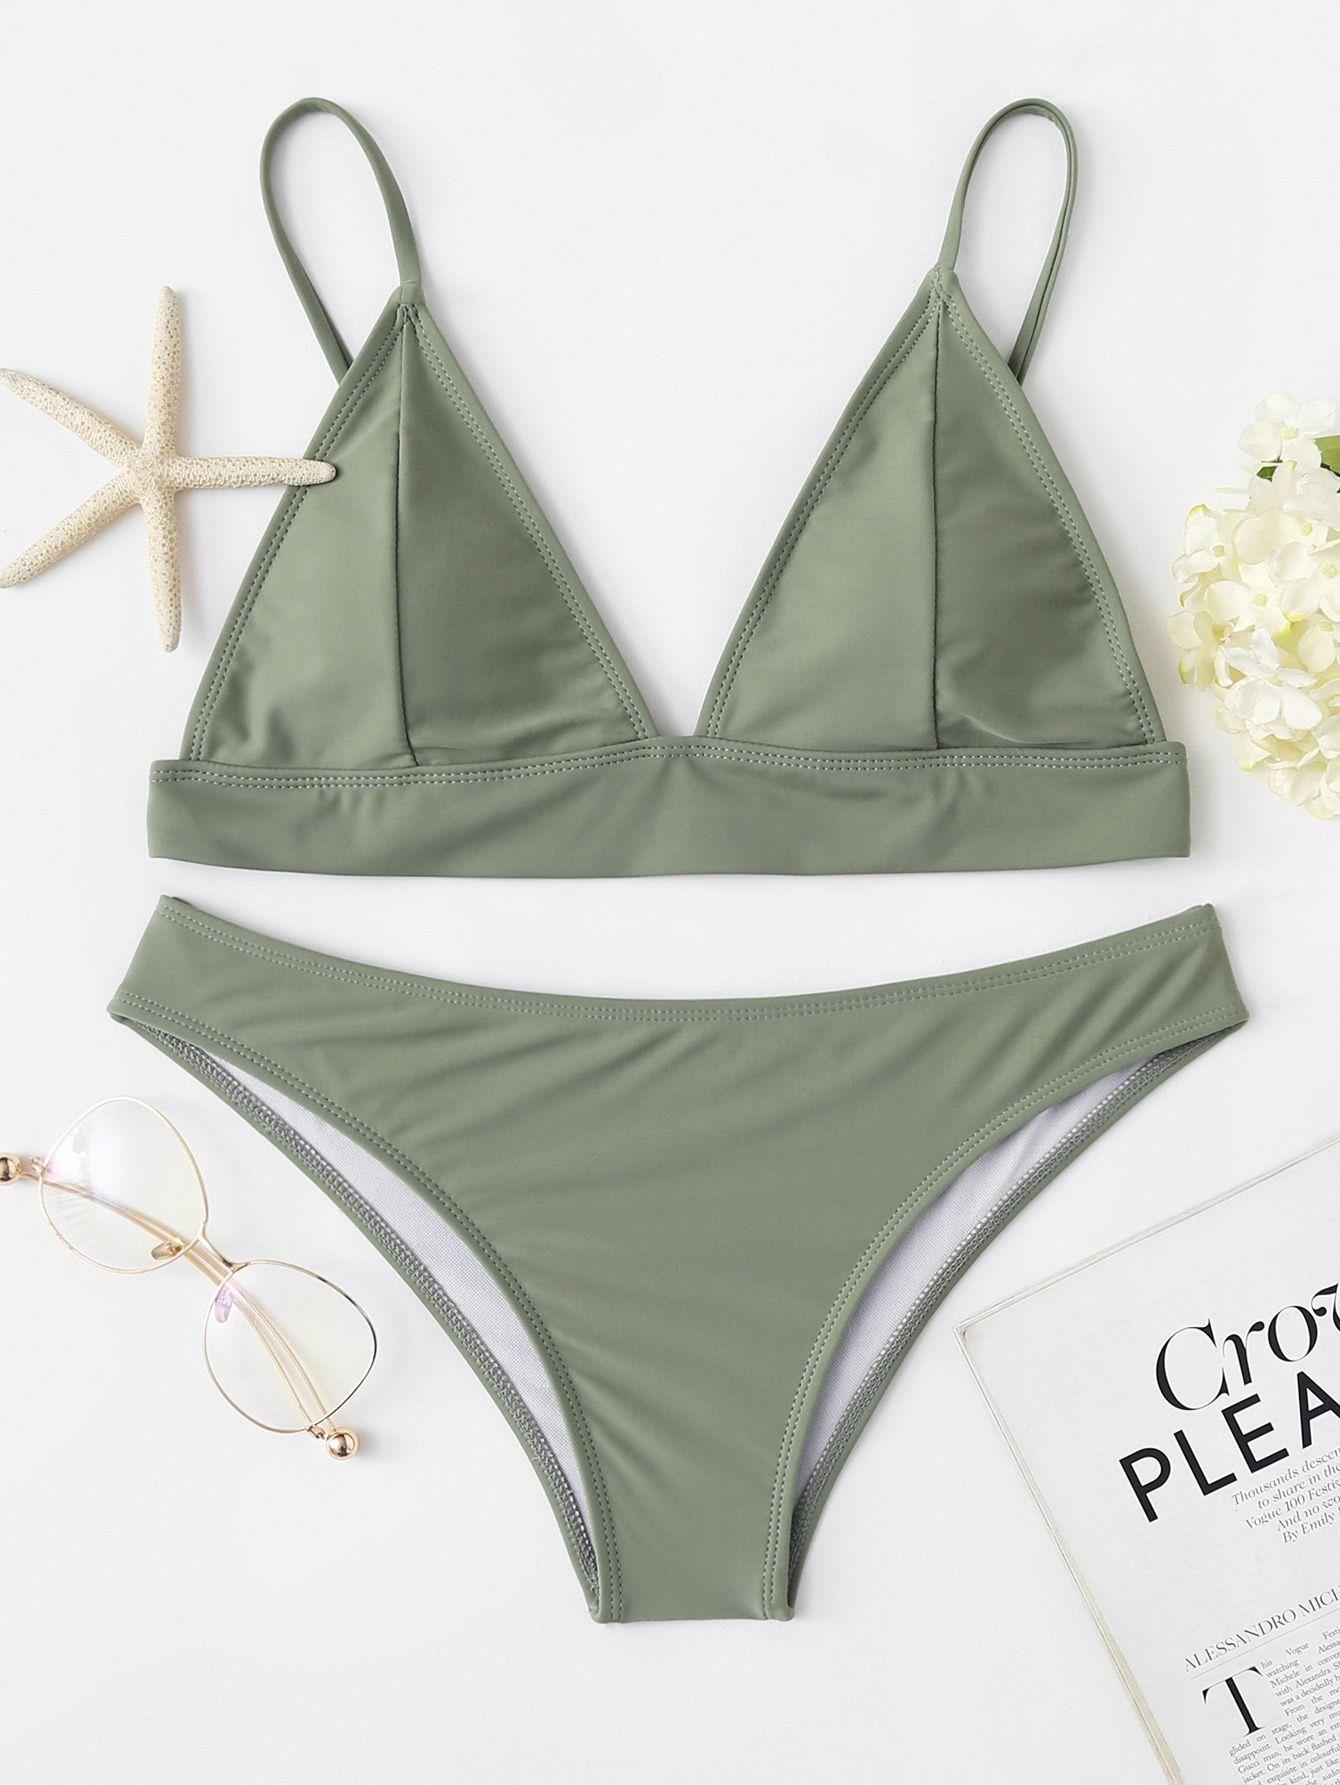 761e5af813 Shop Adjustable Straps Bikini Set online. SheIn offers Adjustable Straps Bikini  Set & more to fit your fashionable needs.